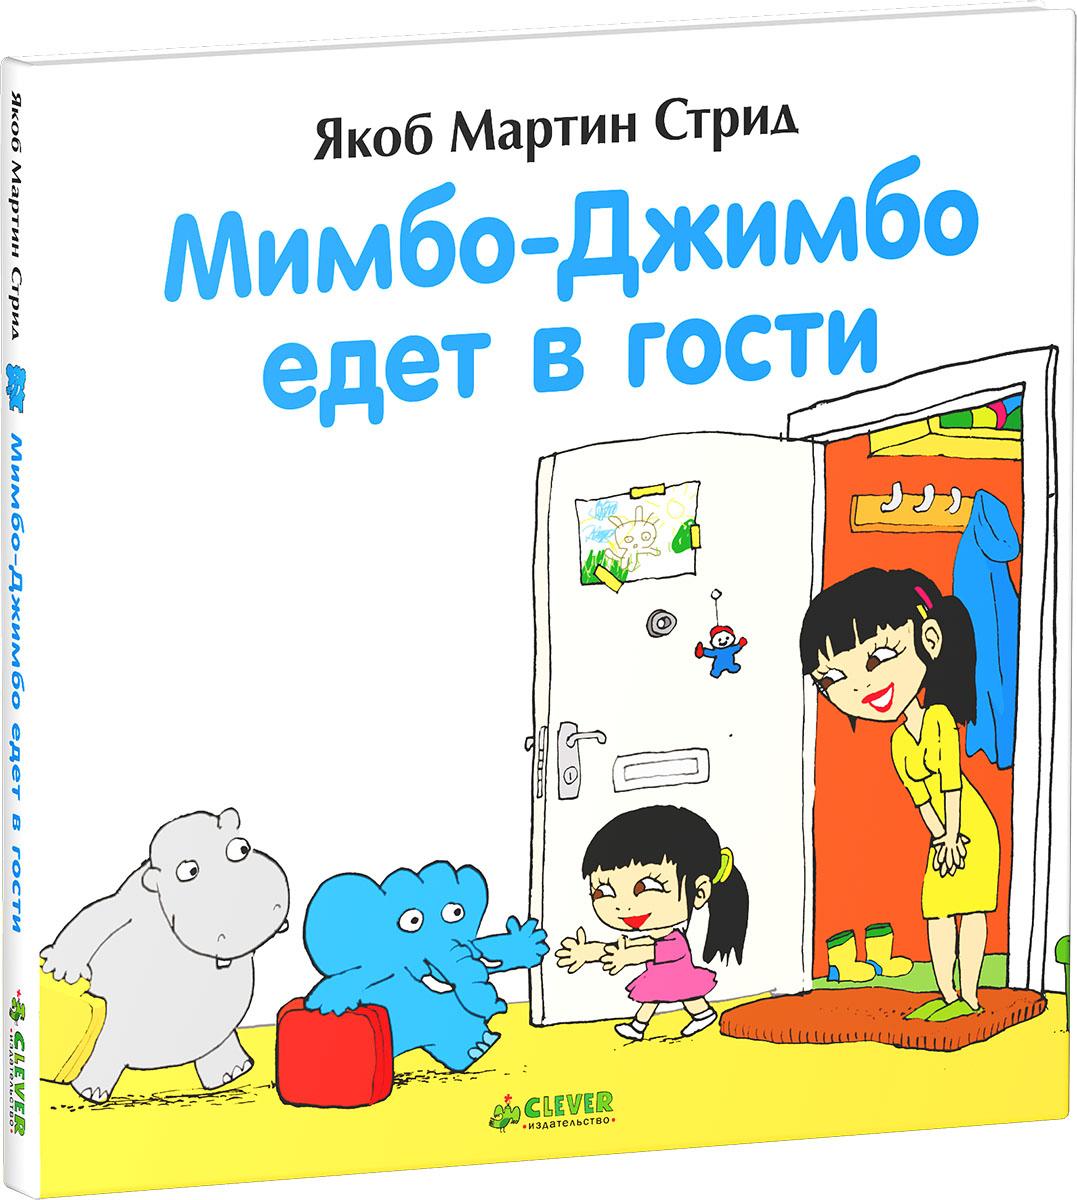 Мимбо-Джимбо едет в гости12296407Однажды Мимбо-Джимбо и Мумбо-Джумбо получили письмо - их пригласила в гости подруга. Конечно, надо немедленно собирать вещи и отправляться в аэропорт! Что же увидят друзья в далёкой стране? Какие приключения ждут их там? Гид для родителей: Мимбо-Джимбо - веселый дружелюбный слоненок, которого придумал знаменитый датский художник и писатель Якоб Мартин Стрид. Больше всего на свете Мимбо-Джимбо любит своего лучшего друга бегемотика Мумбо-Джумбо. А еще ему нравится изобретать и путешествовать. Из-за своей любознательности друзья постоянно попадают в забавные ситуации. Изюминки: От автора бестселлера Невероятная история о гигантской груше! Крупный шрифт - книги идеально подходят для первого самостоятельного чтения. Рассказывают о дружбе, поддержке и взаимопонимании. Рекомендованный возраст: 3-6 лет.